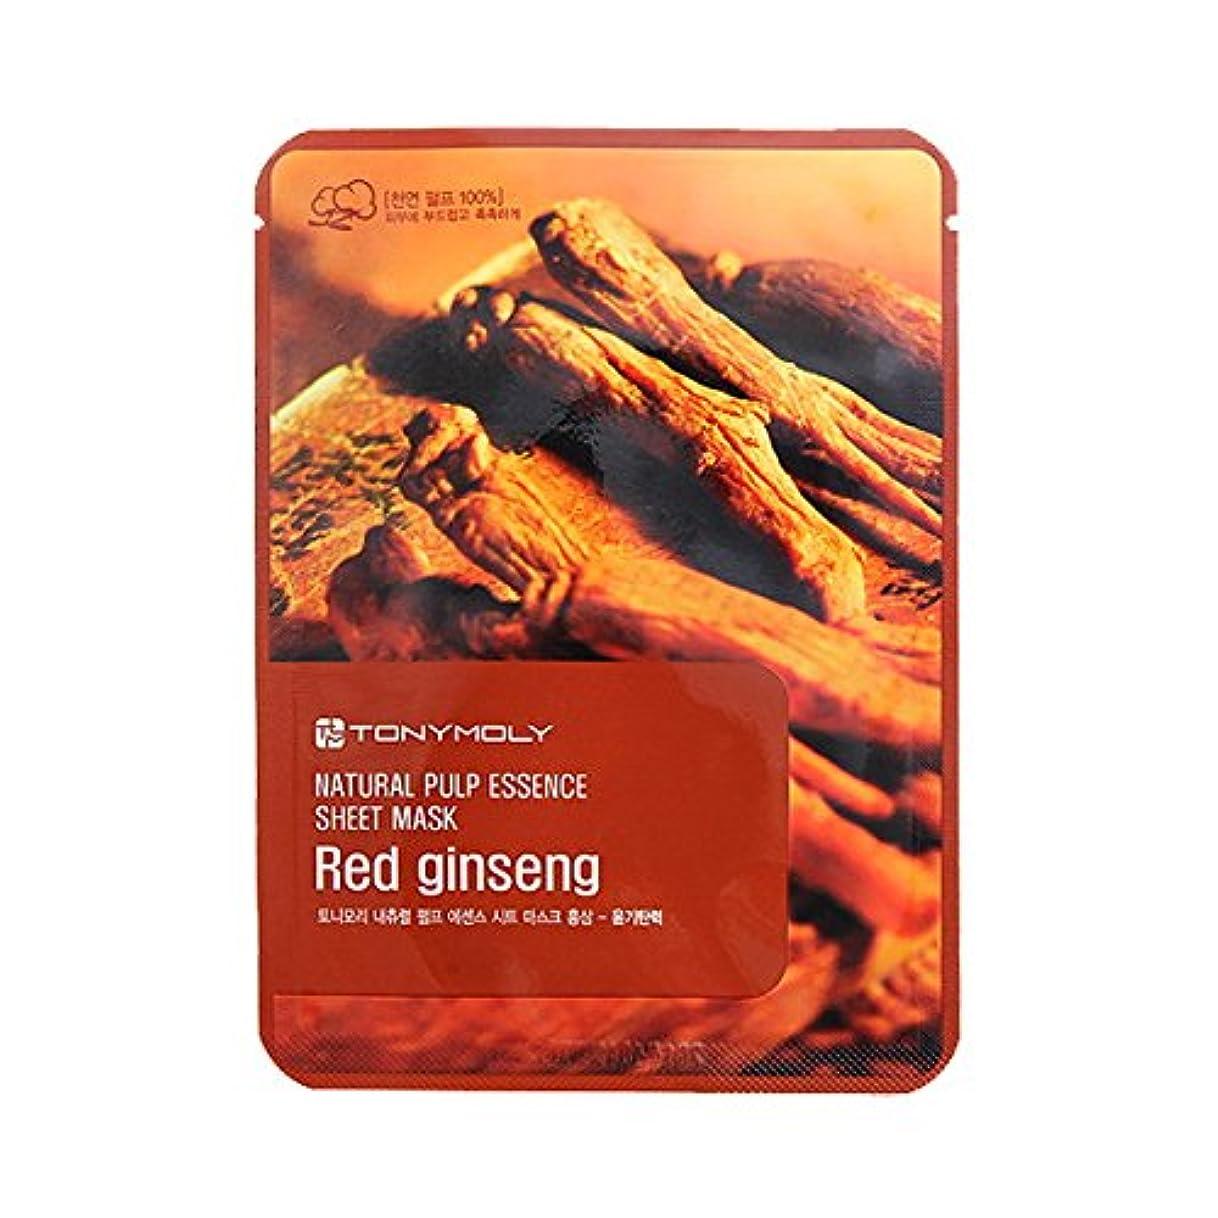 偏心ユーザーウェイトレス(3 Pack) TONYMOLY Pureness 100 Red Gingseng Mask Sheet Shine (並行輸入品)